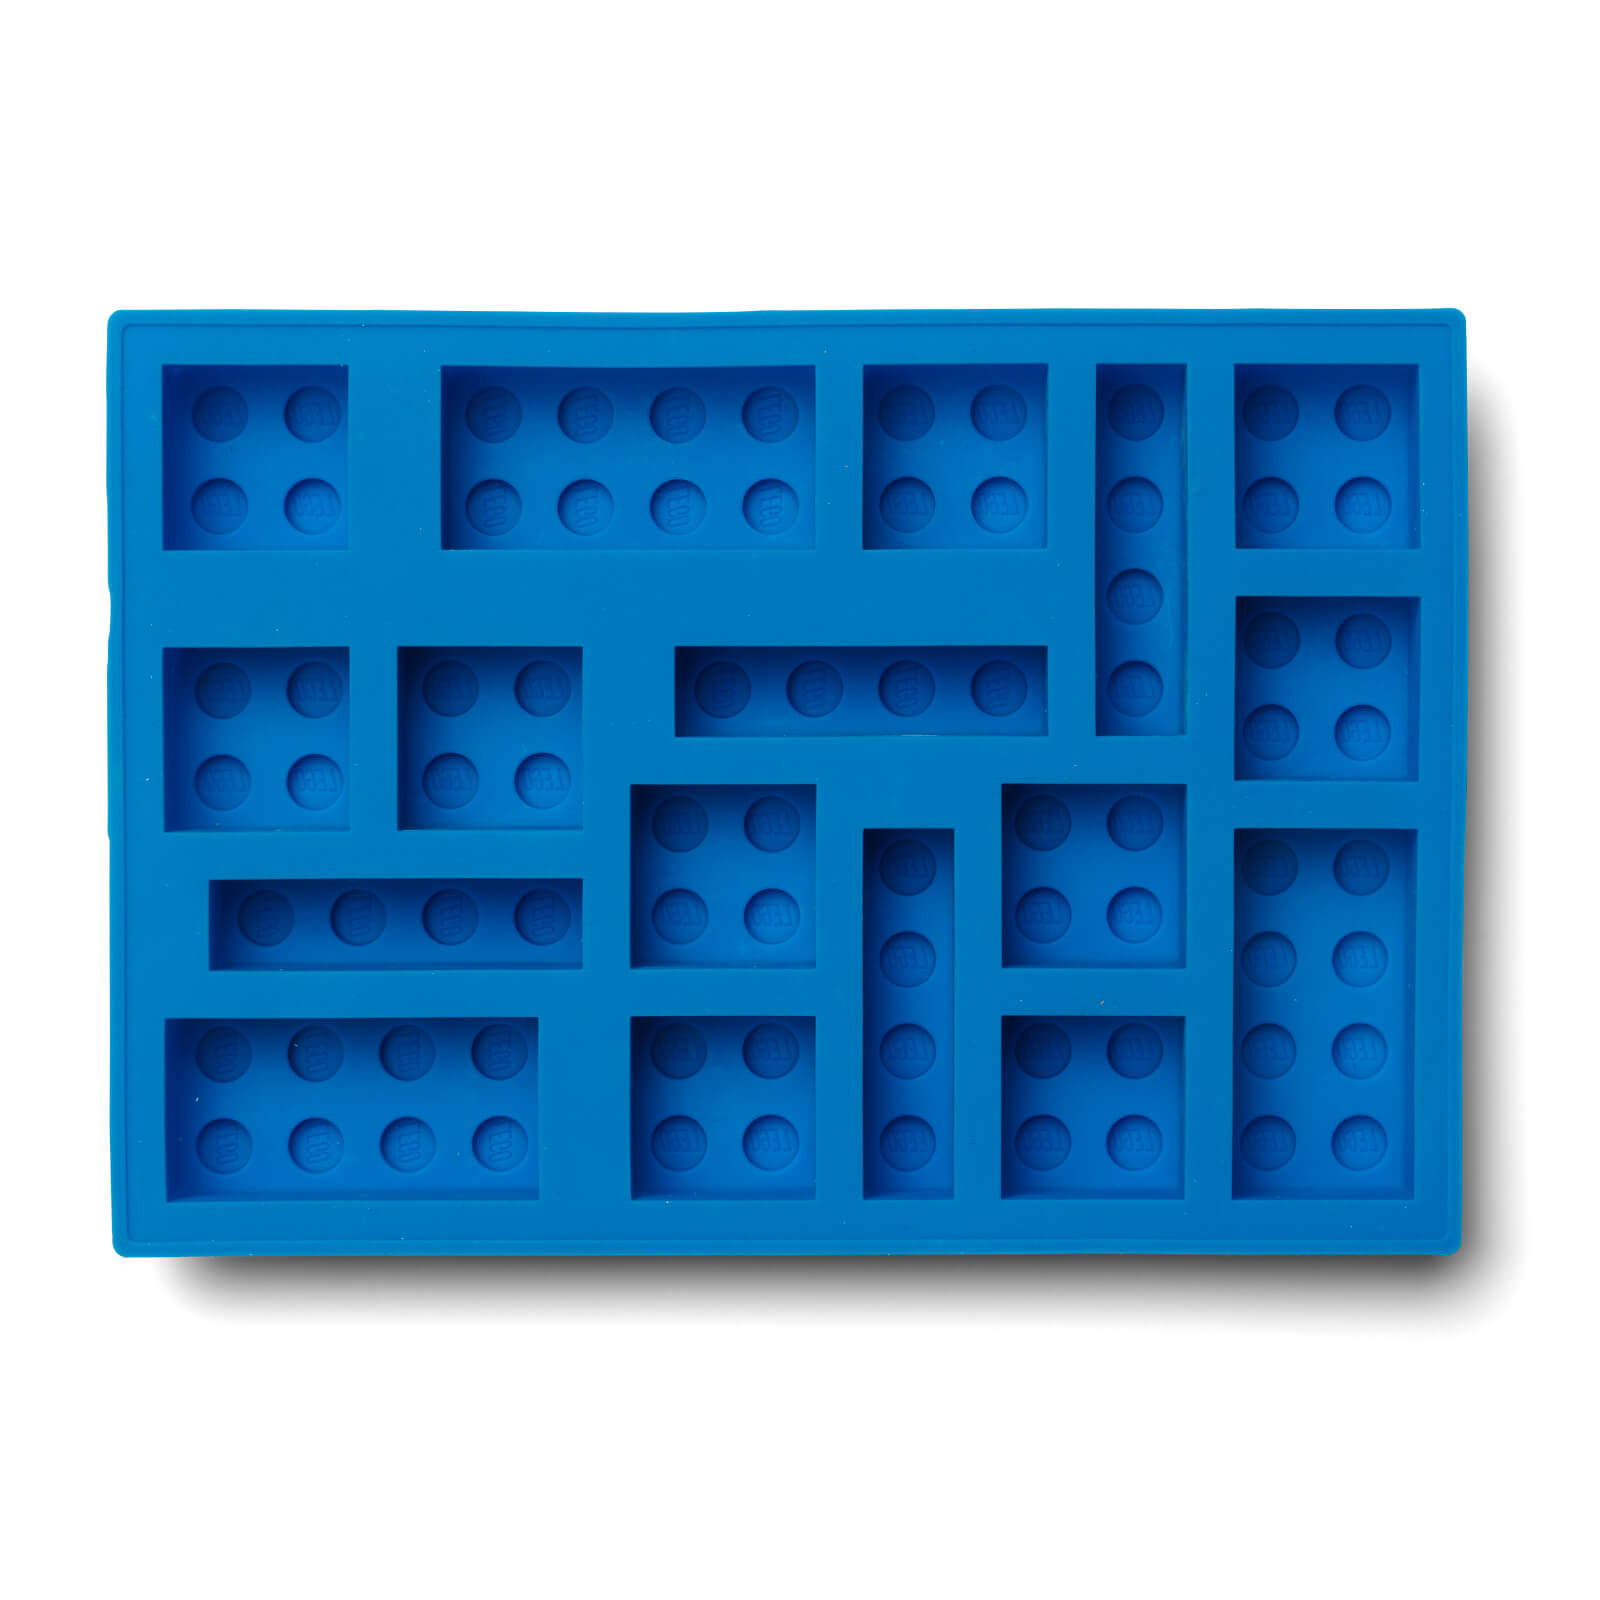 Image of LEGO Ice Cube Tray - Blue